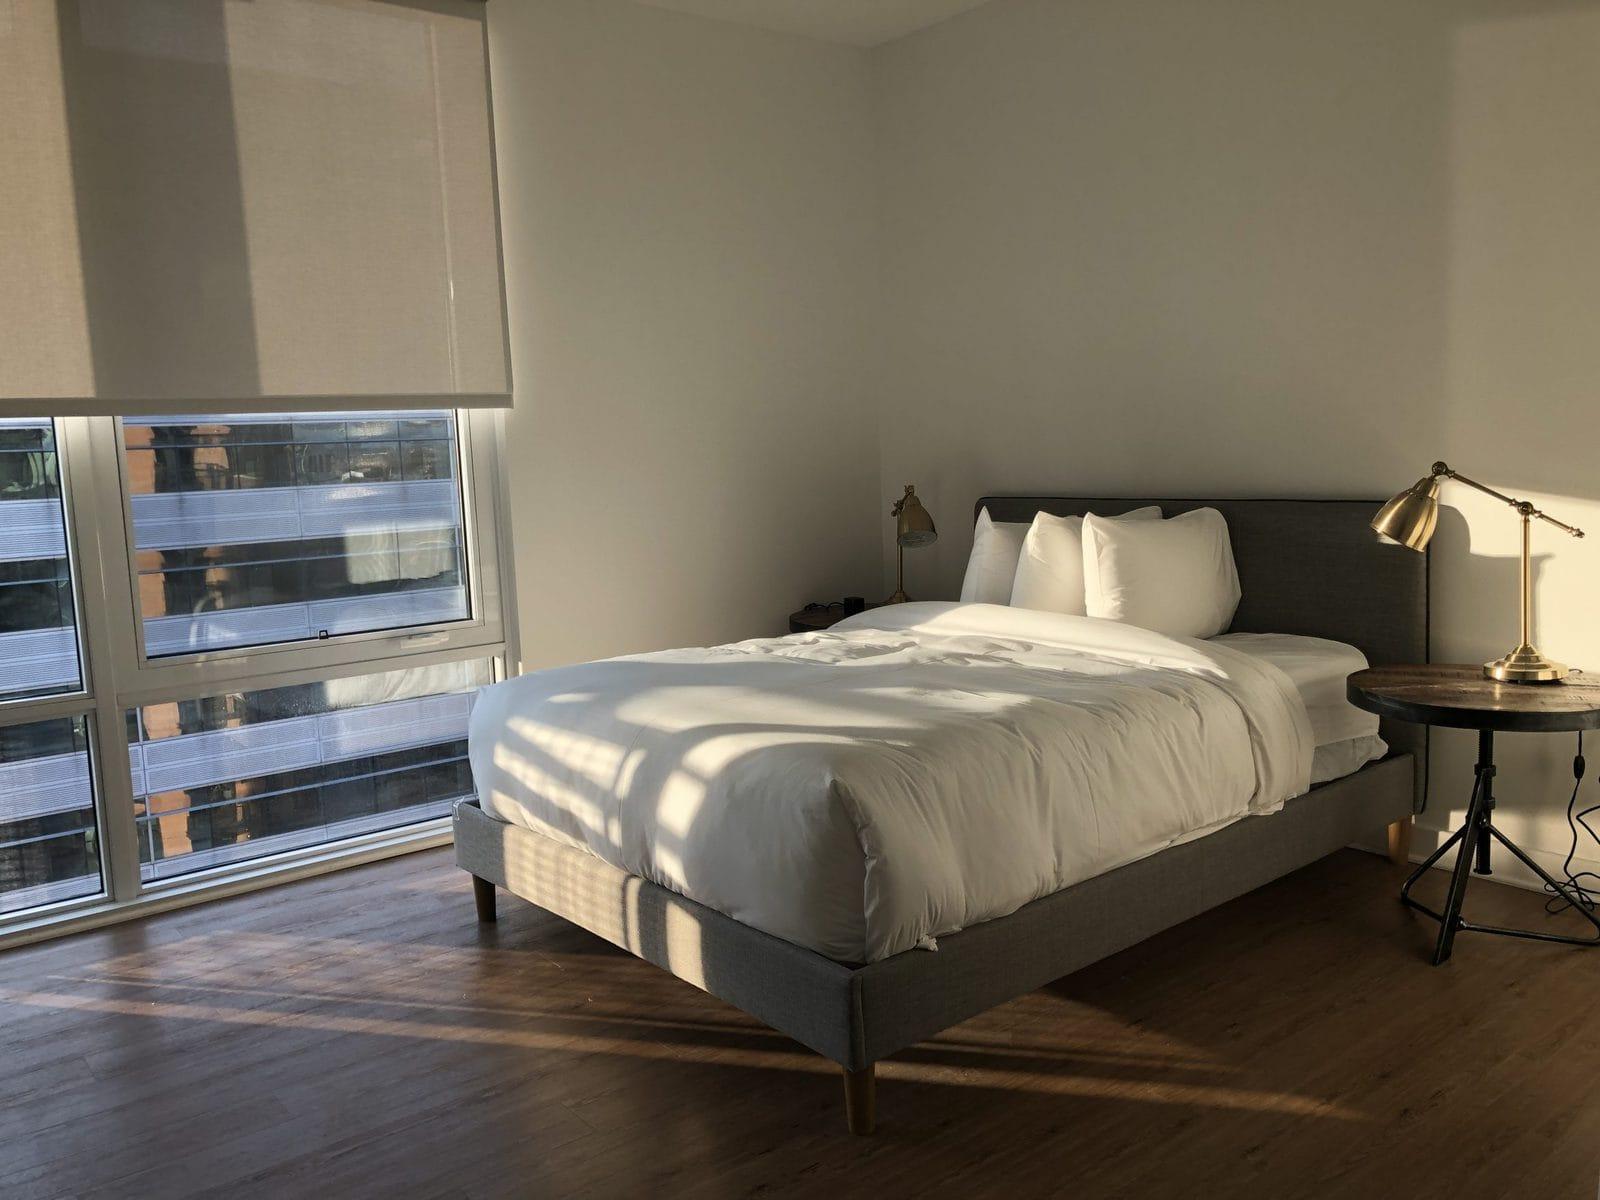 WhyHotel Bedroom